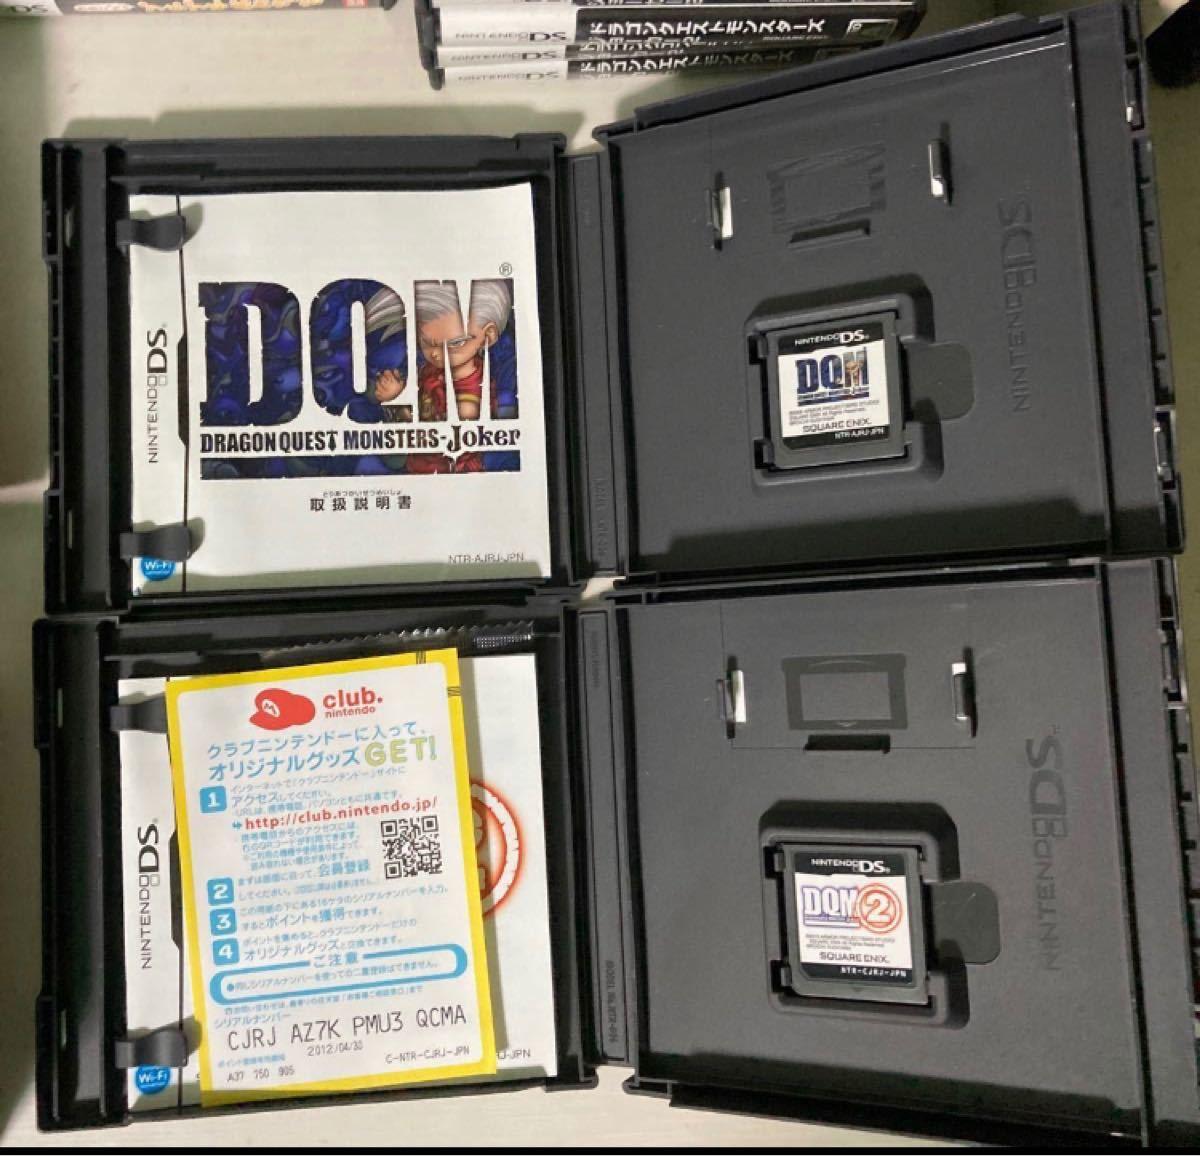 DSソフト ドラゴンクエストモンスターズジョーカー1.2